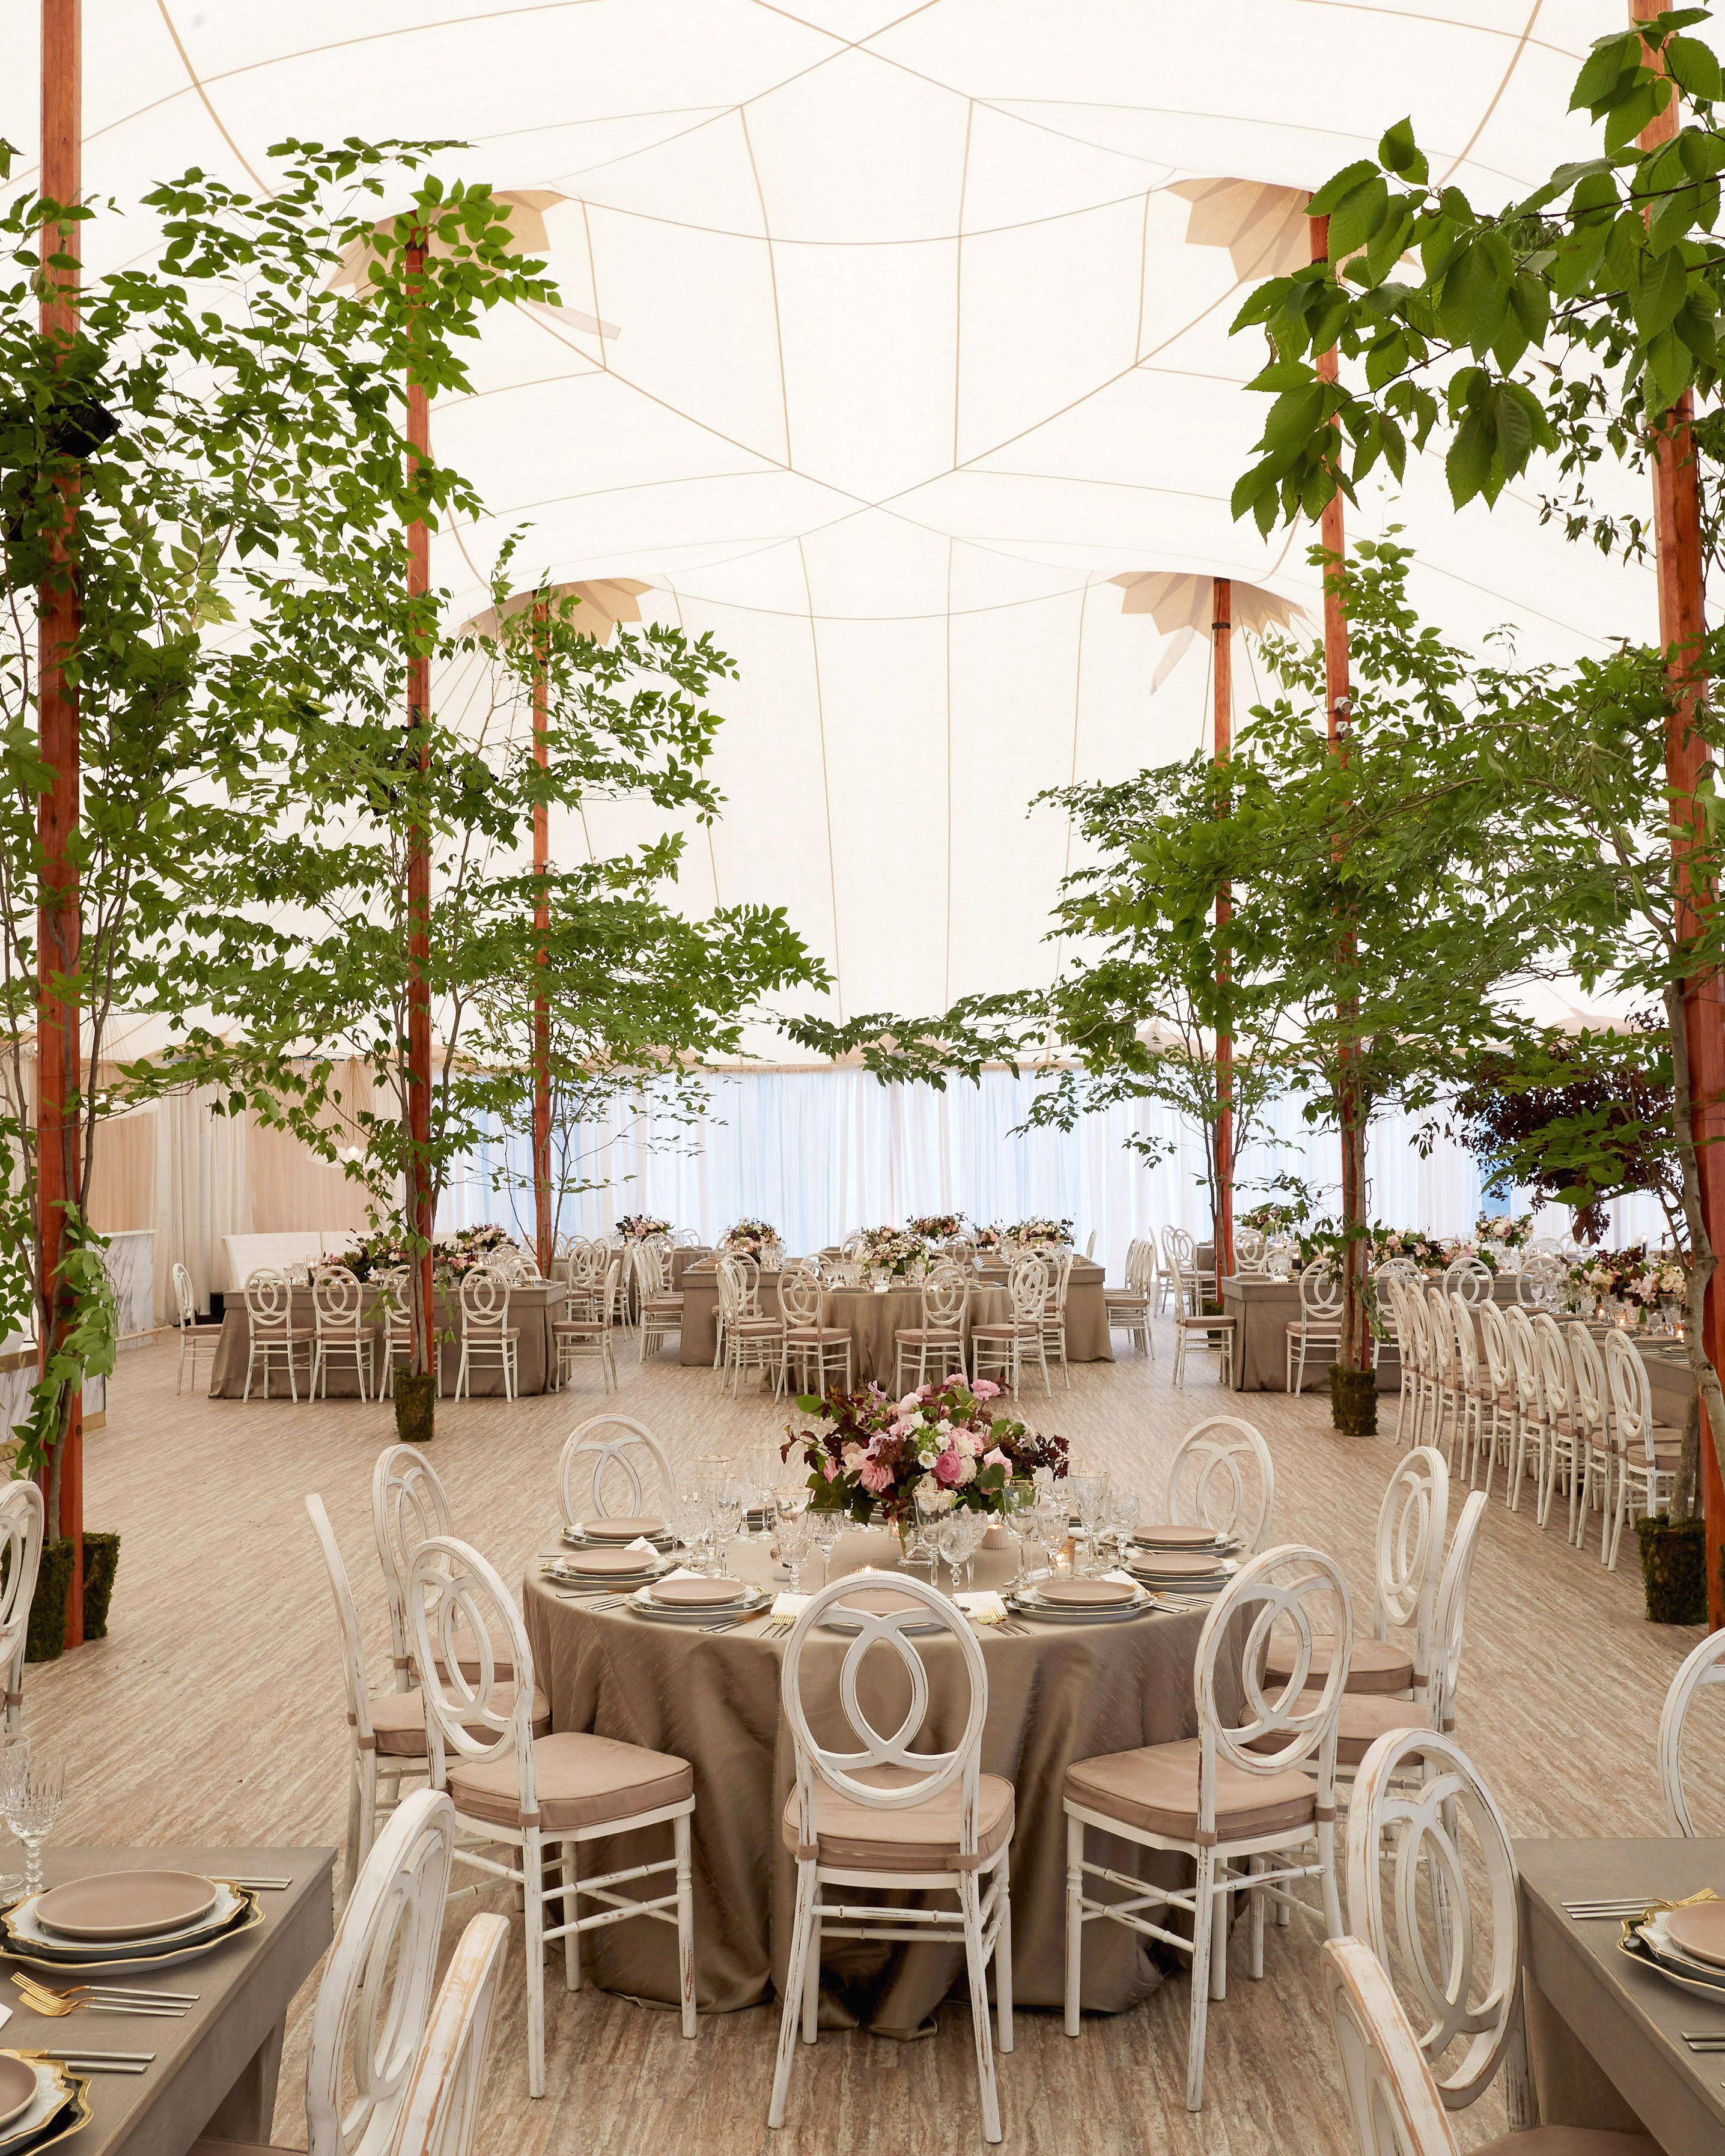 joyann jeremy wedding tent trees